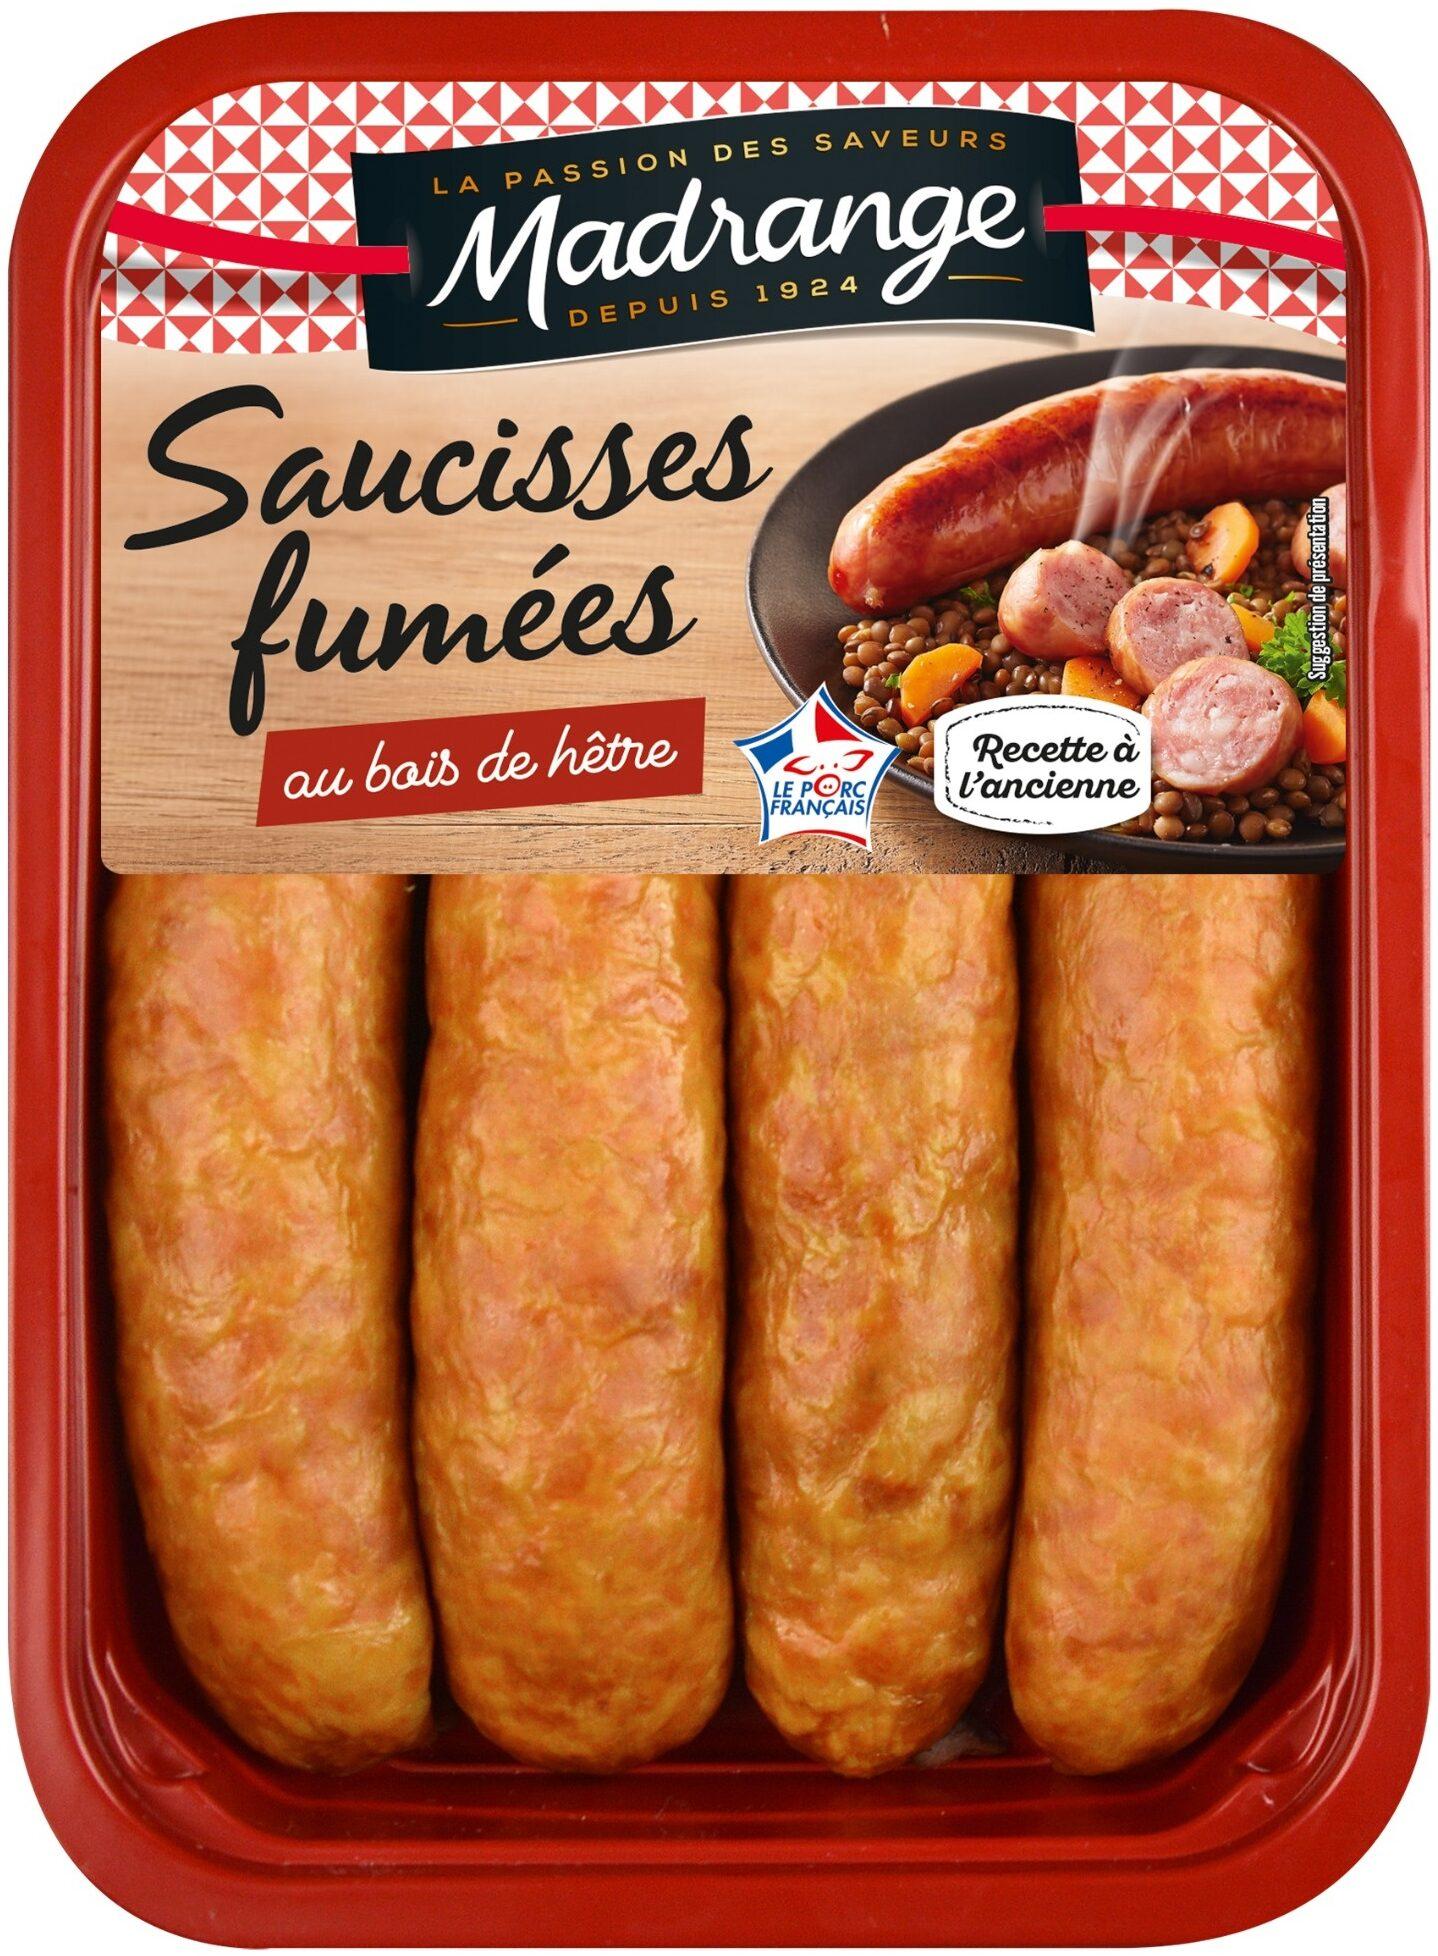 Saucisses fumées au bois de hêtre - Product - fr